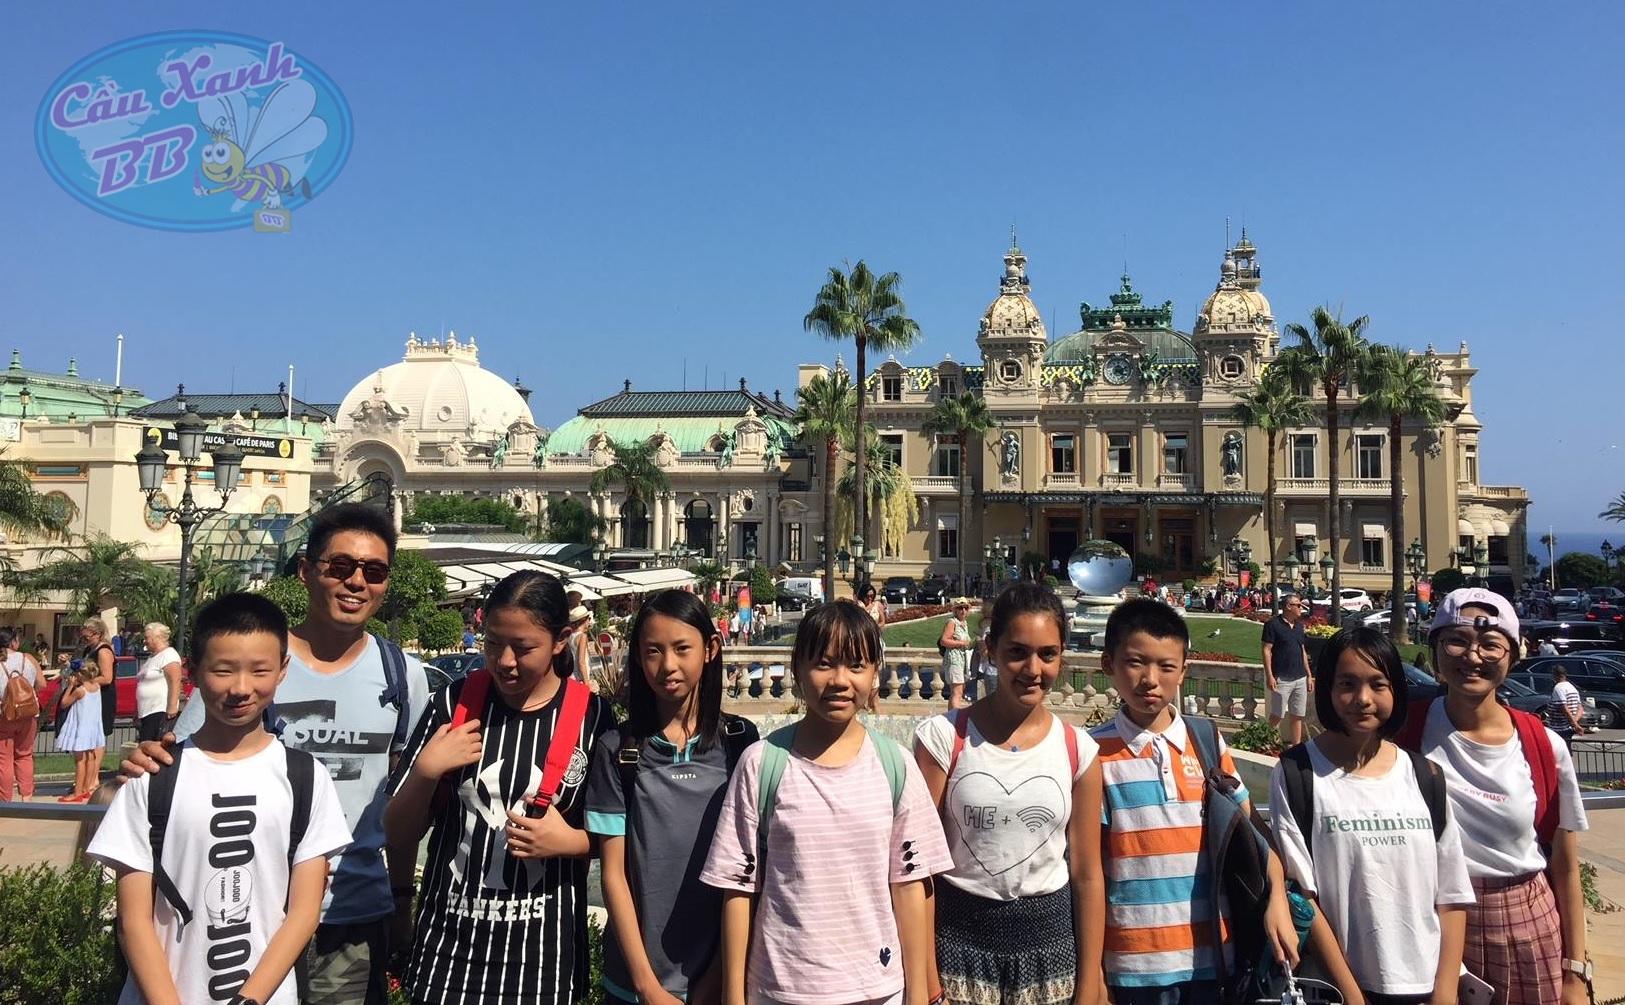 Du học hè Pháp, chương trình trại hè ngôn ngữ không kể lứa tuổi